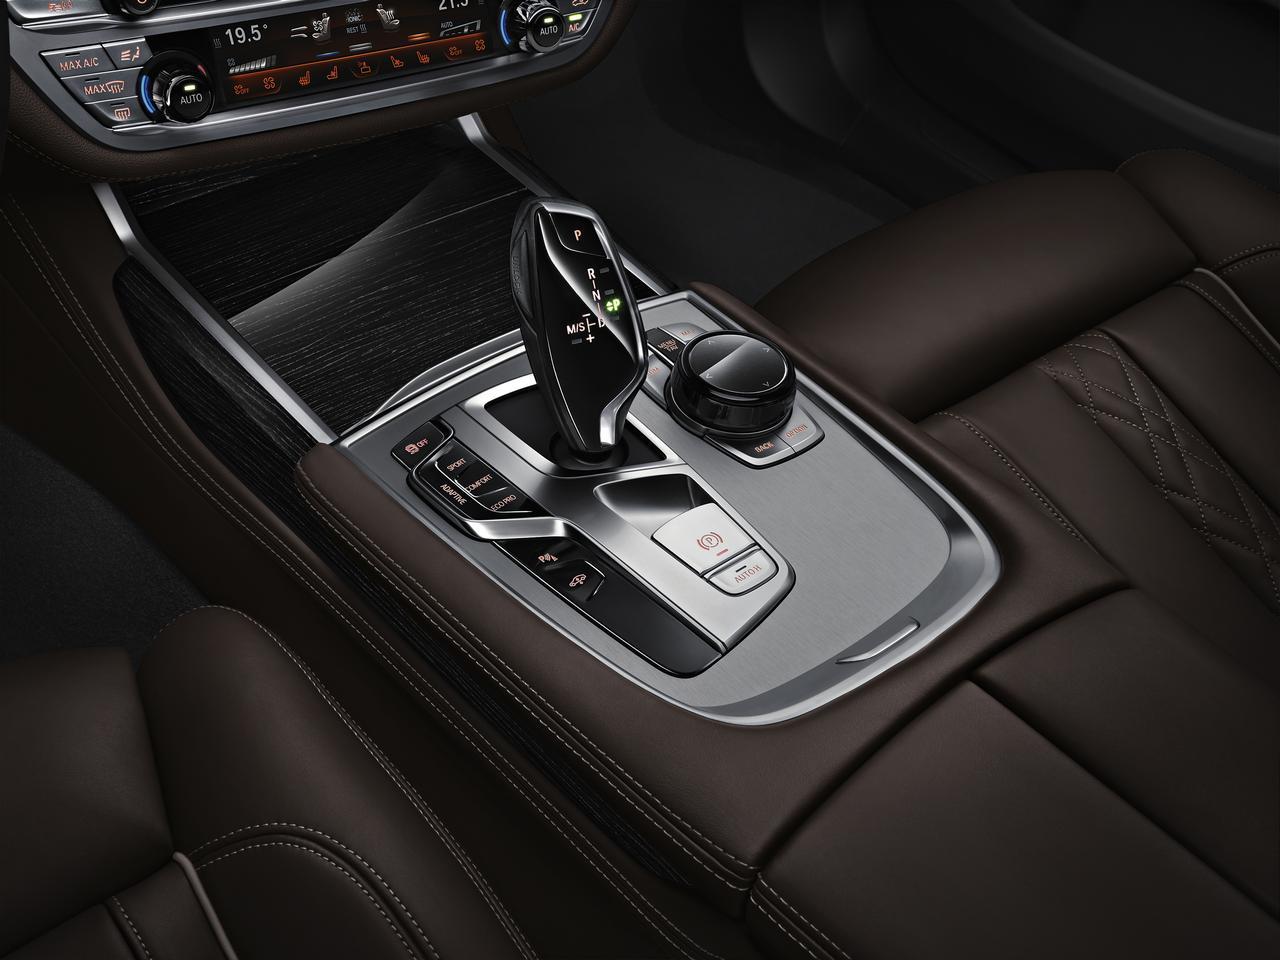 BMW-Serie-7-abitacolo-cockpit-prezzo-price-0-100_16